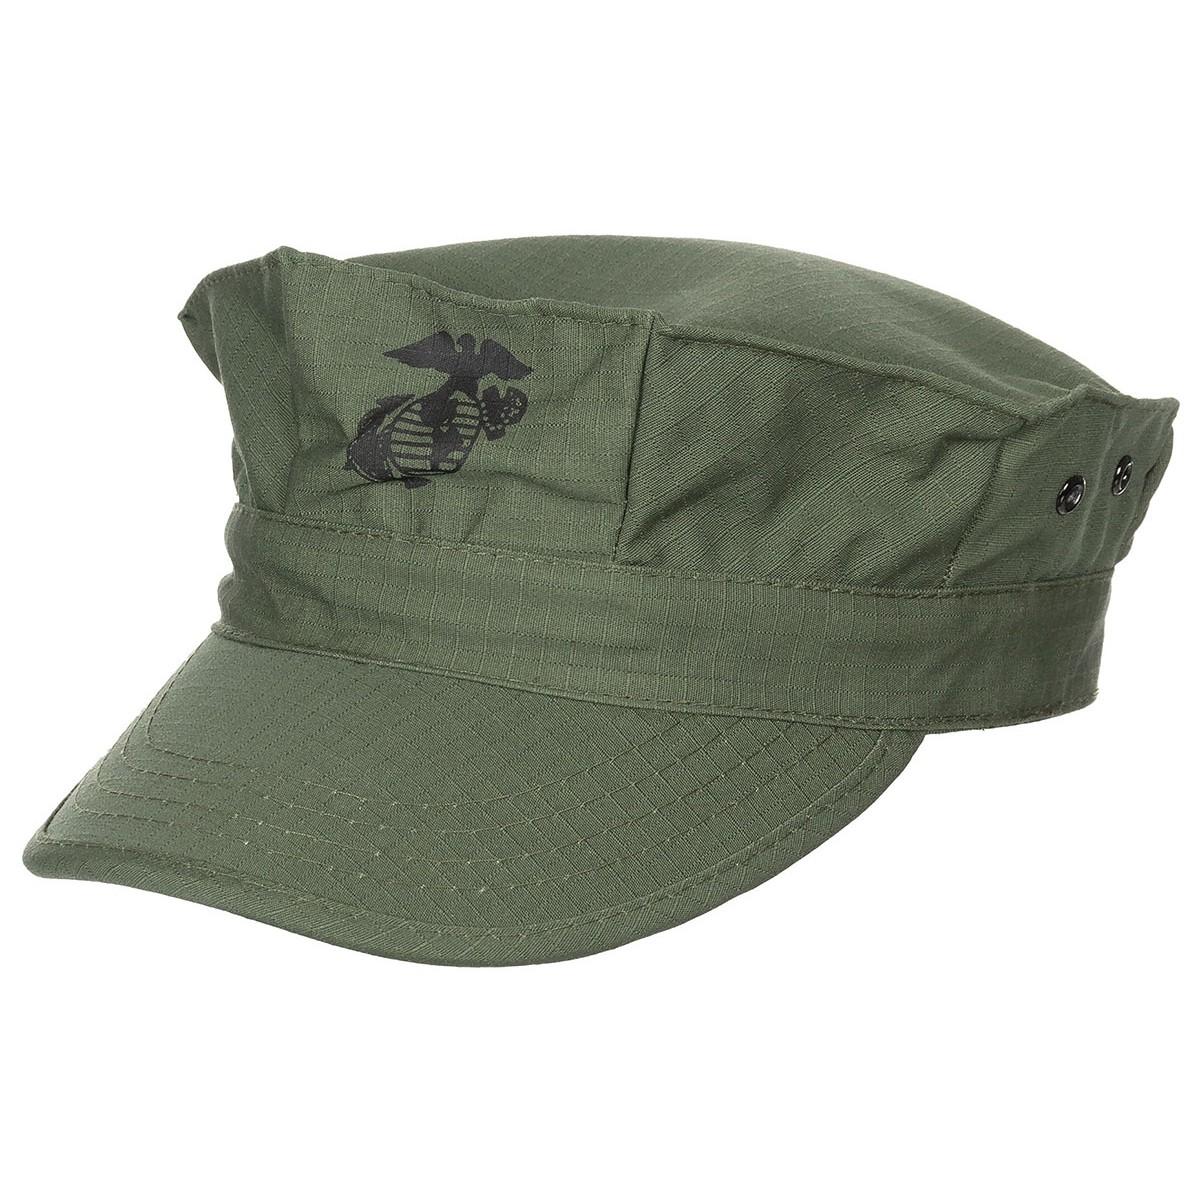 US Marine Corps čepice - olivová